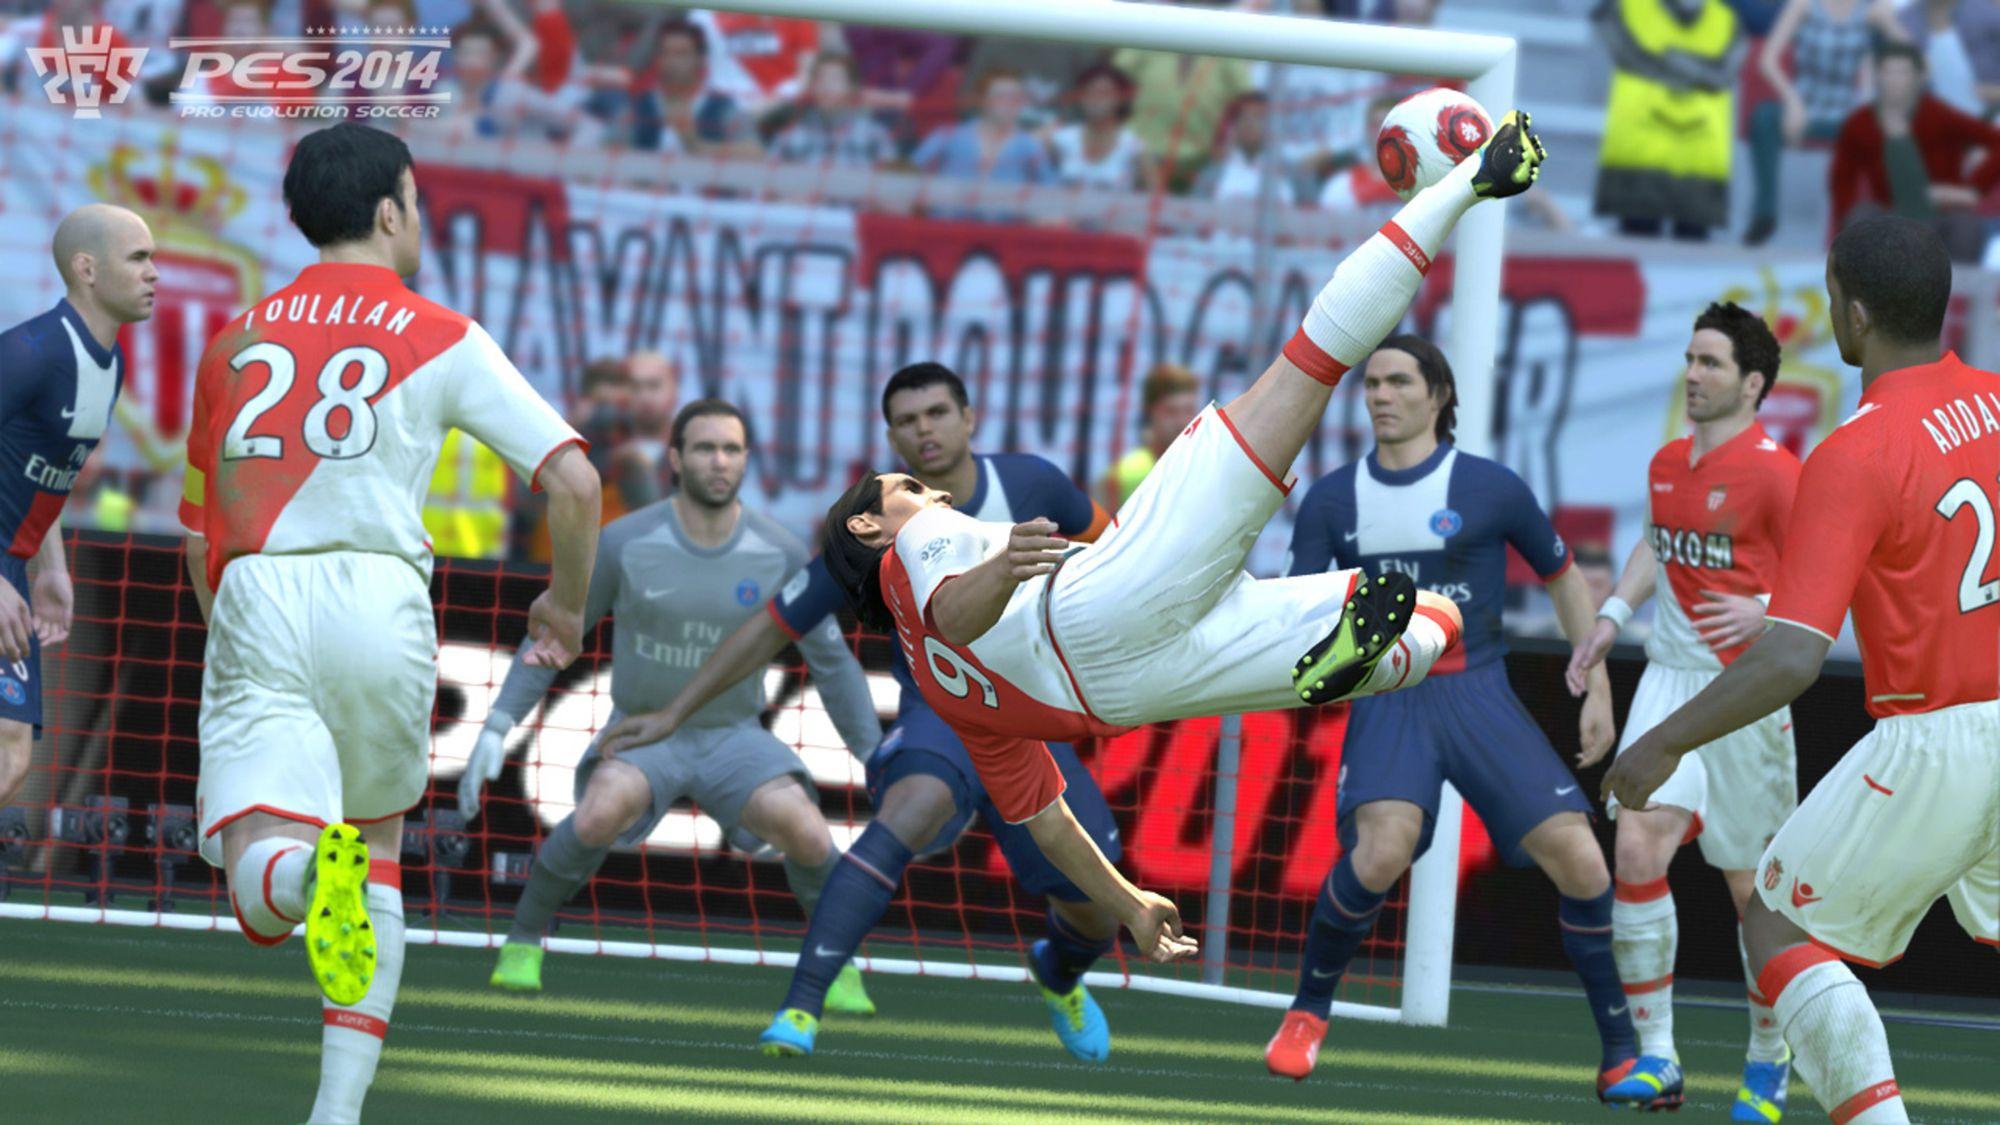 بهترین بازیکنان جوان برای pes 17 Pro Evolution Soccer 2014 Telecharger Jeux Gratuit Pc.html Autos Weblog